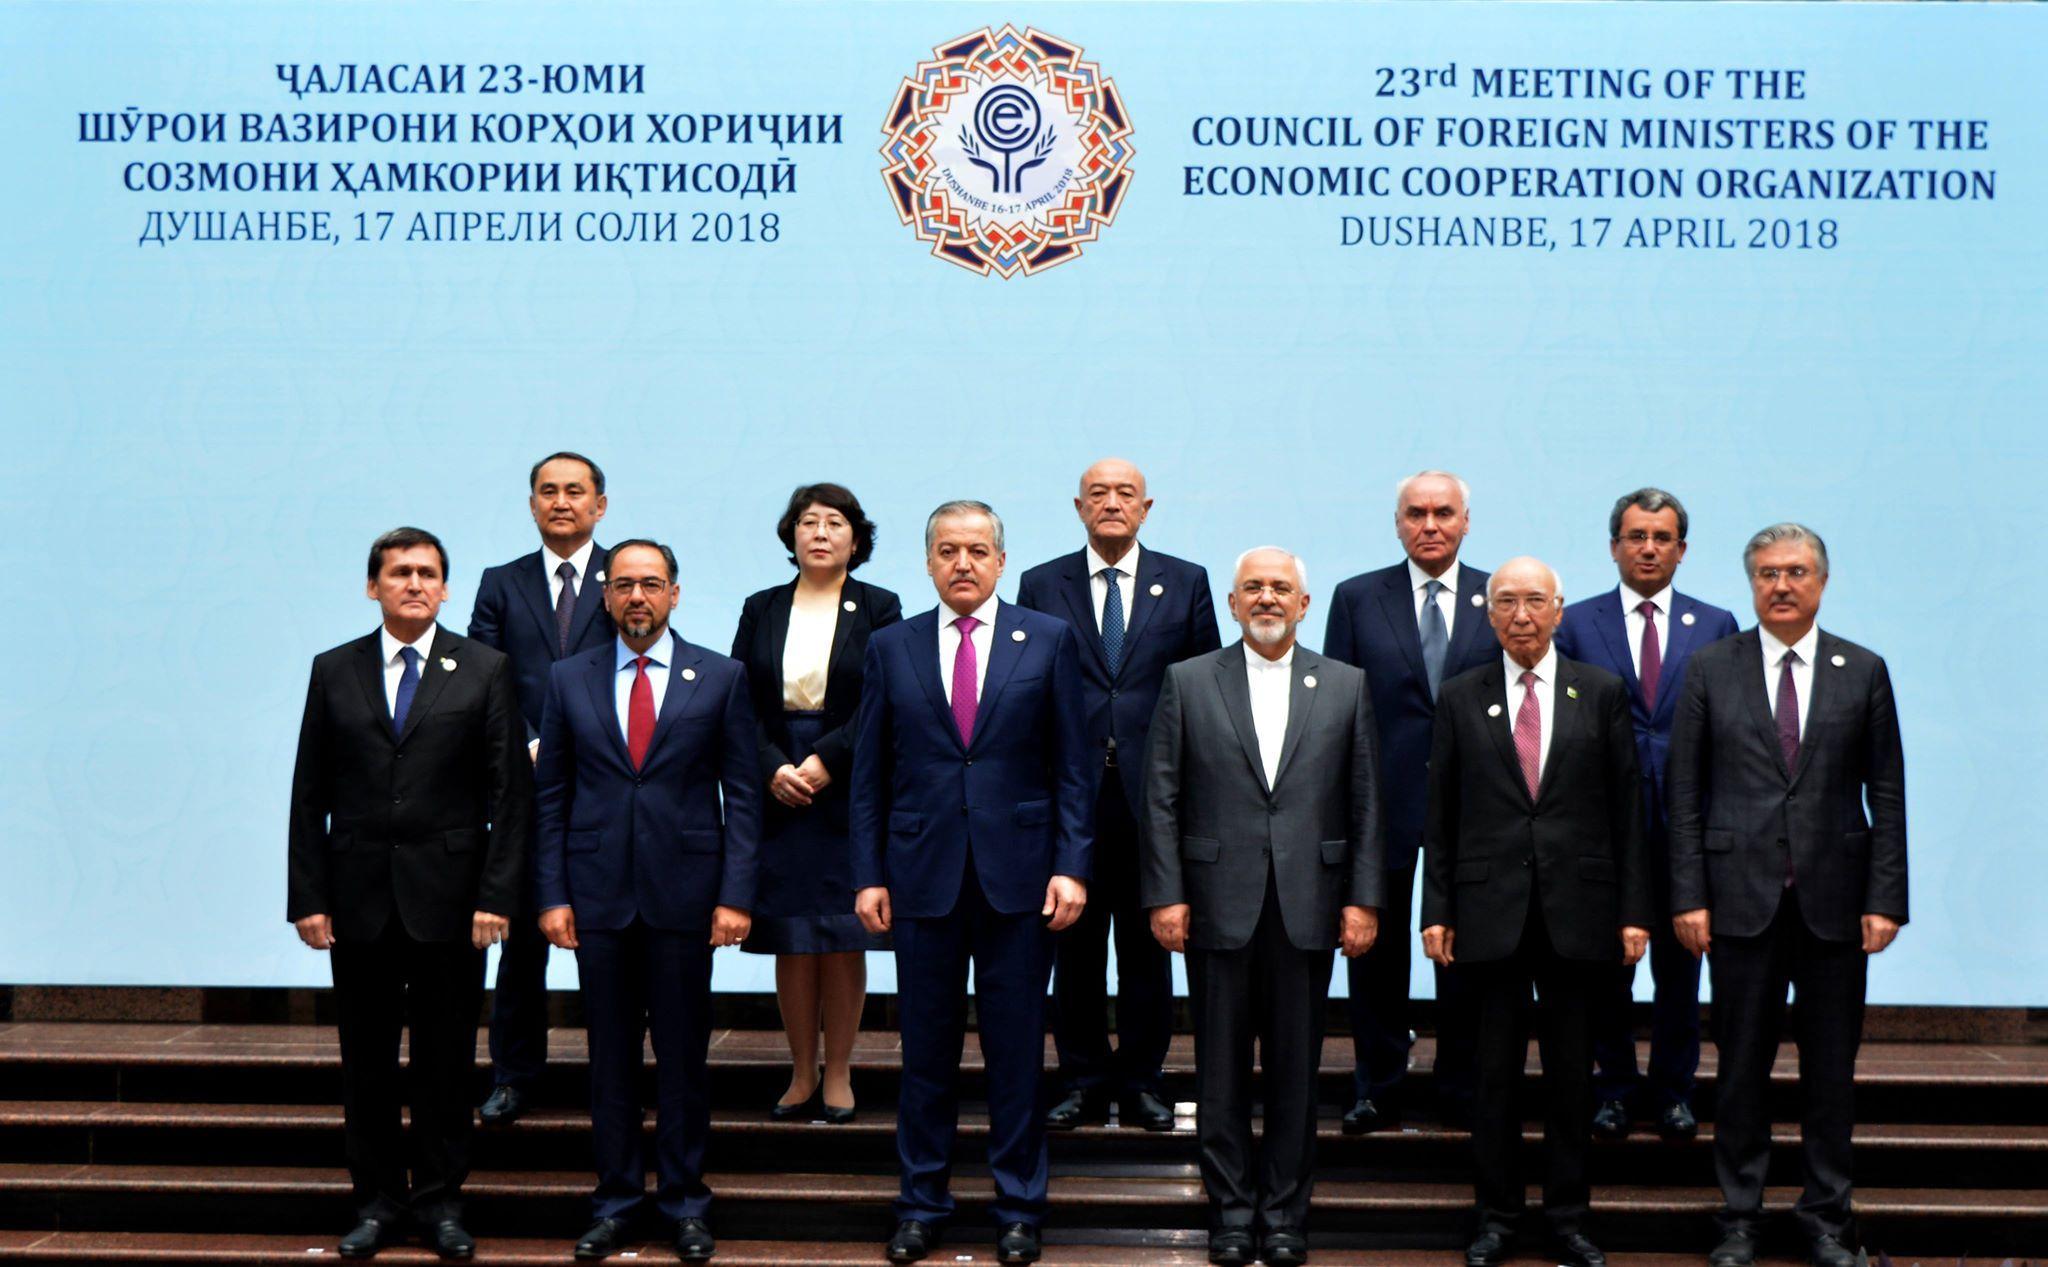 Министр иностранных дел ТРСК выступил на саммите Организации экономического сотрудничества